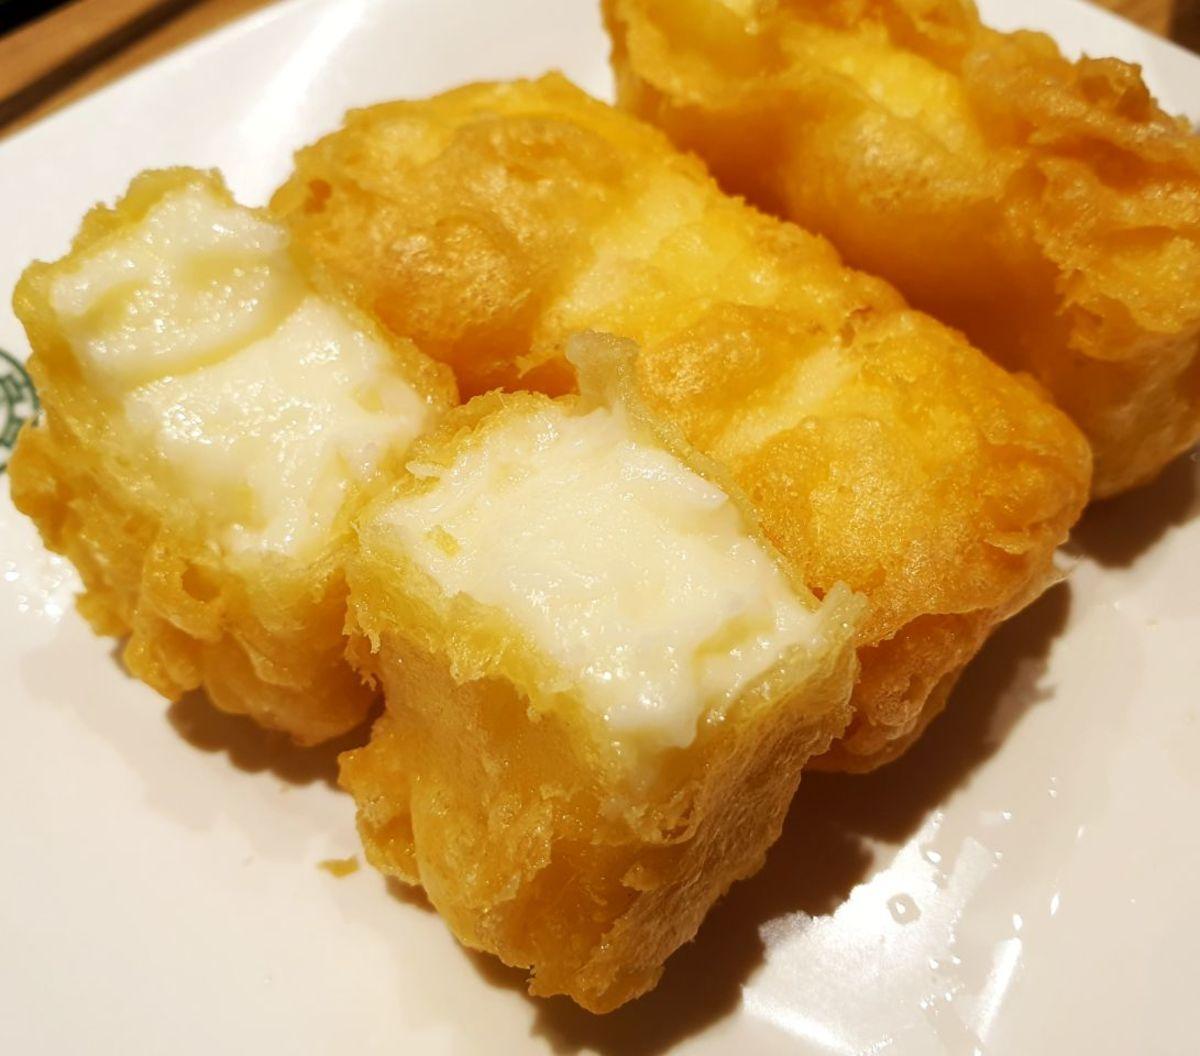 Asian-style fried custard (leche frita)